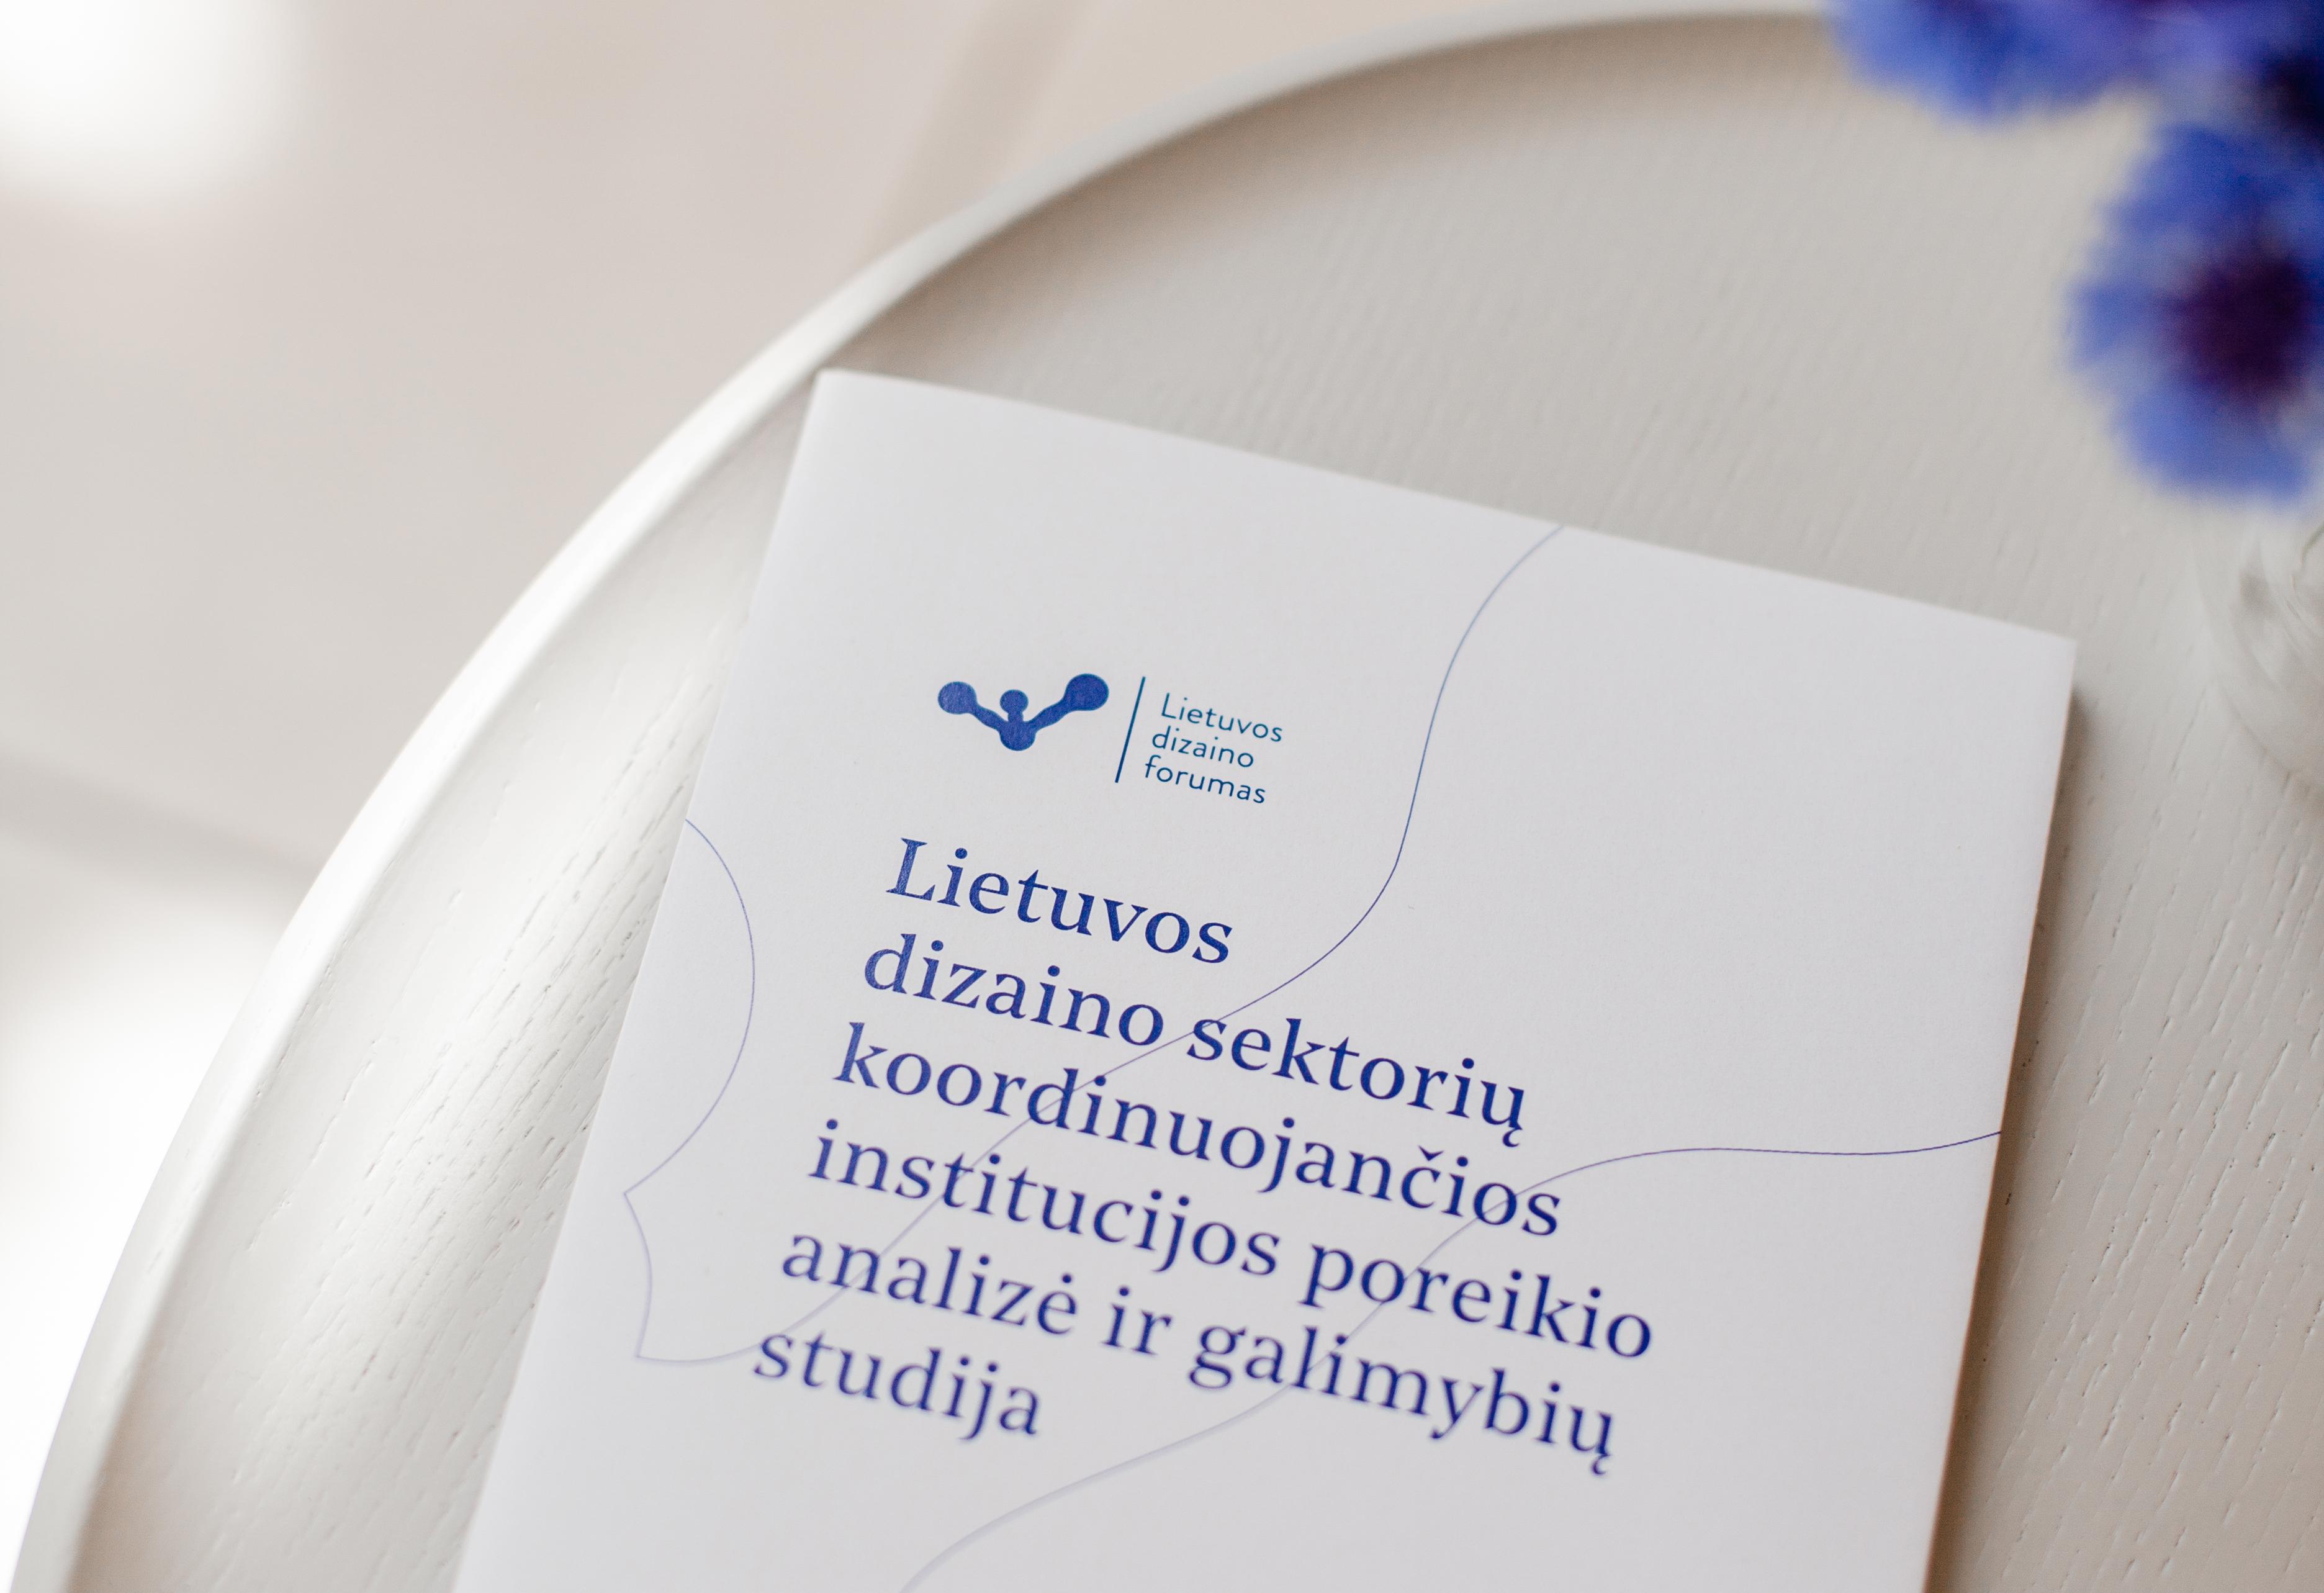 Lietuvos dizaino sektorių koordinuojančios institucijos poreikio analizė ir galimybių studija